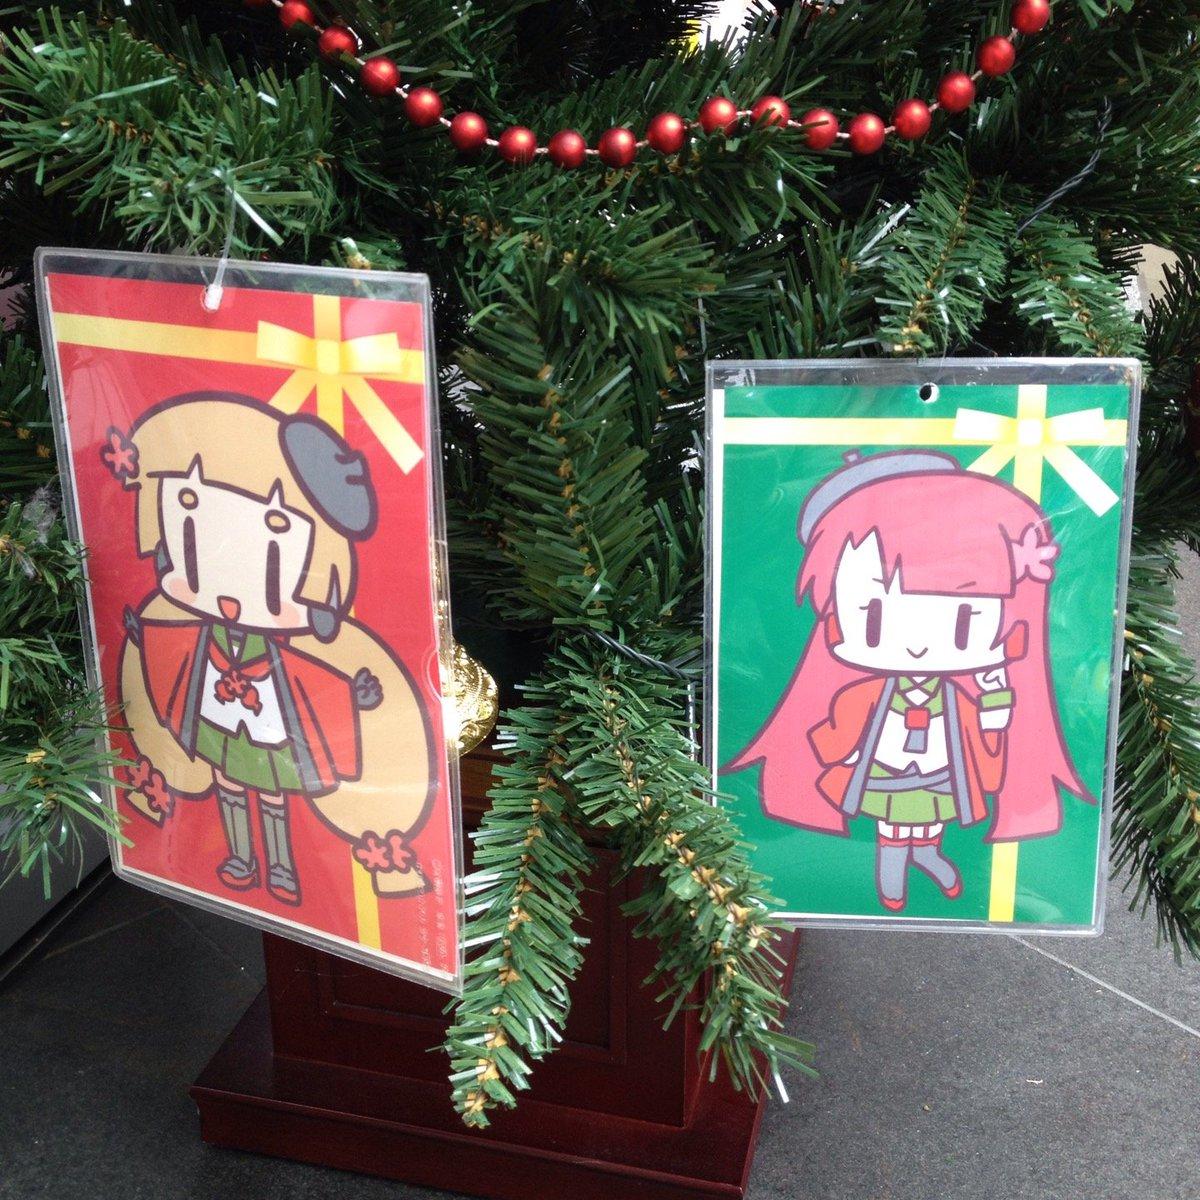 ビックカメラ JR京都駅店 クリスマスツリー(水戸たん、ビックロたん)